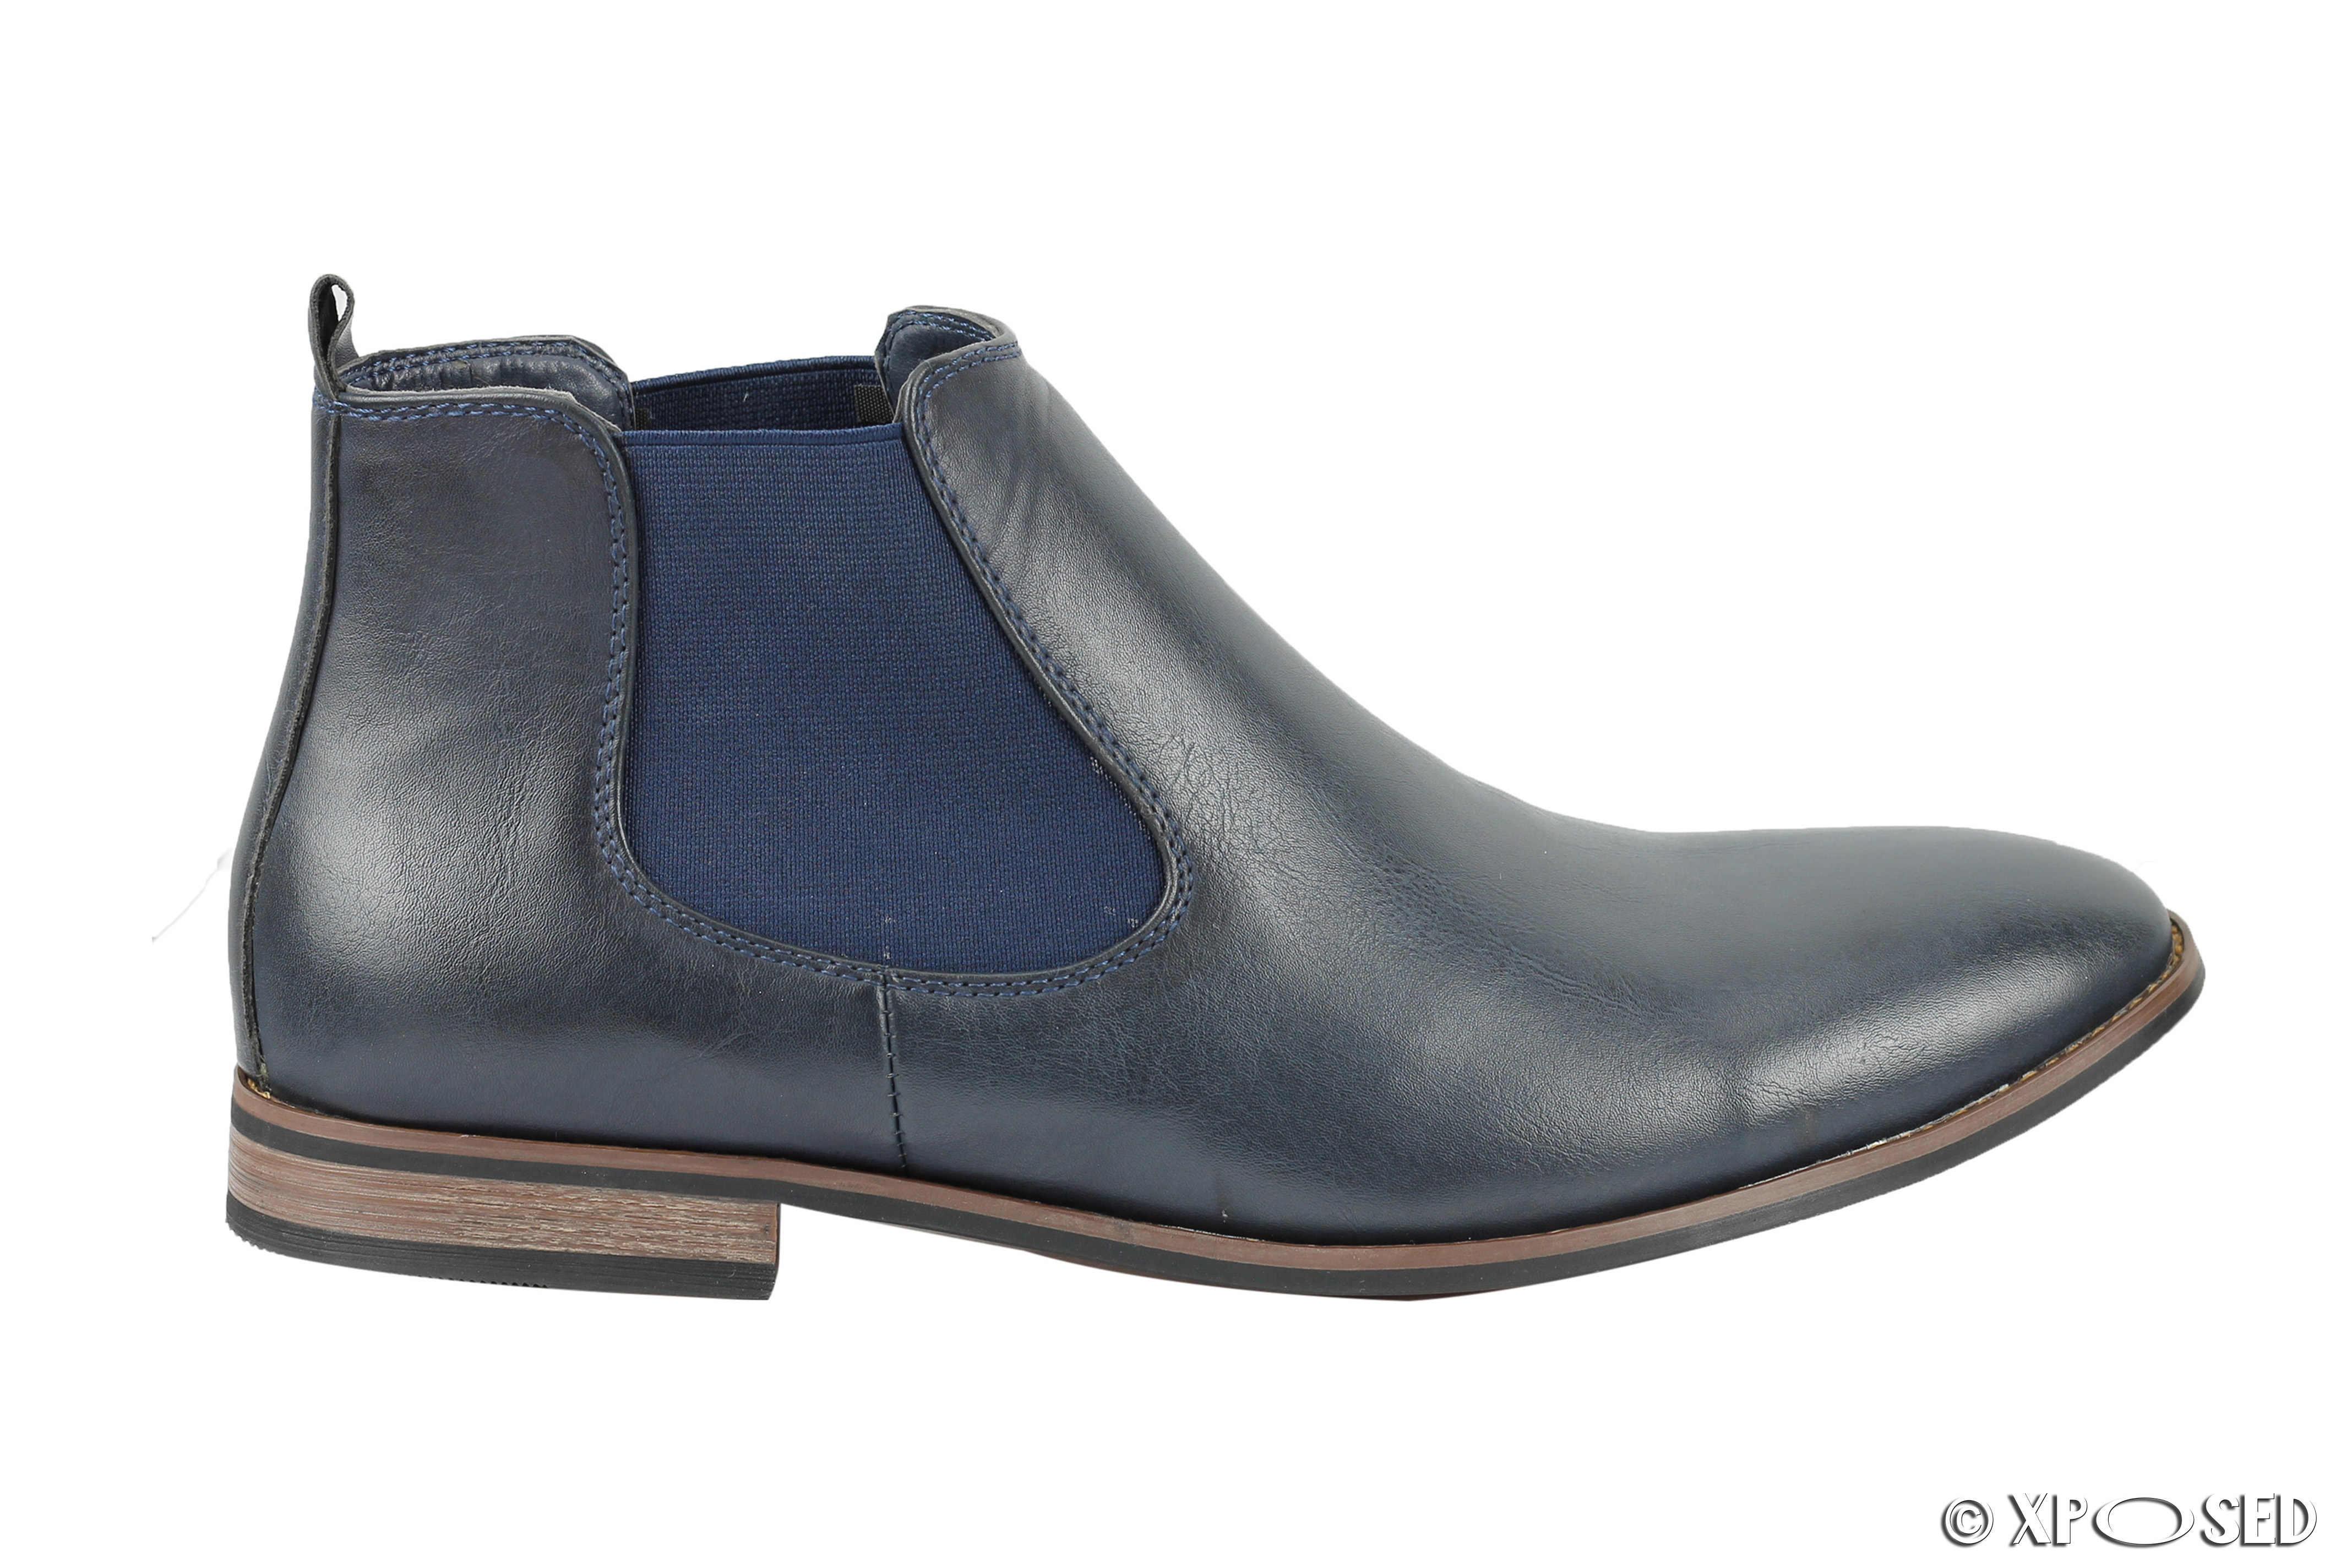 Nuevo Para hombres Cuero Italia Estilo Vintage Chelsea Botas Informales Zapatos de Distribuidor tamaño de Reino Unido